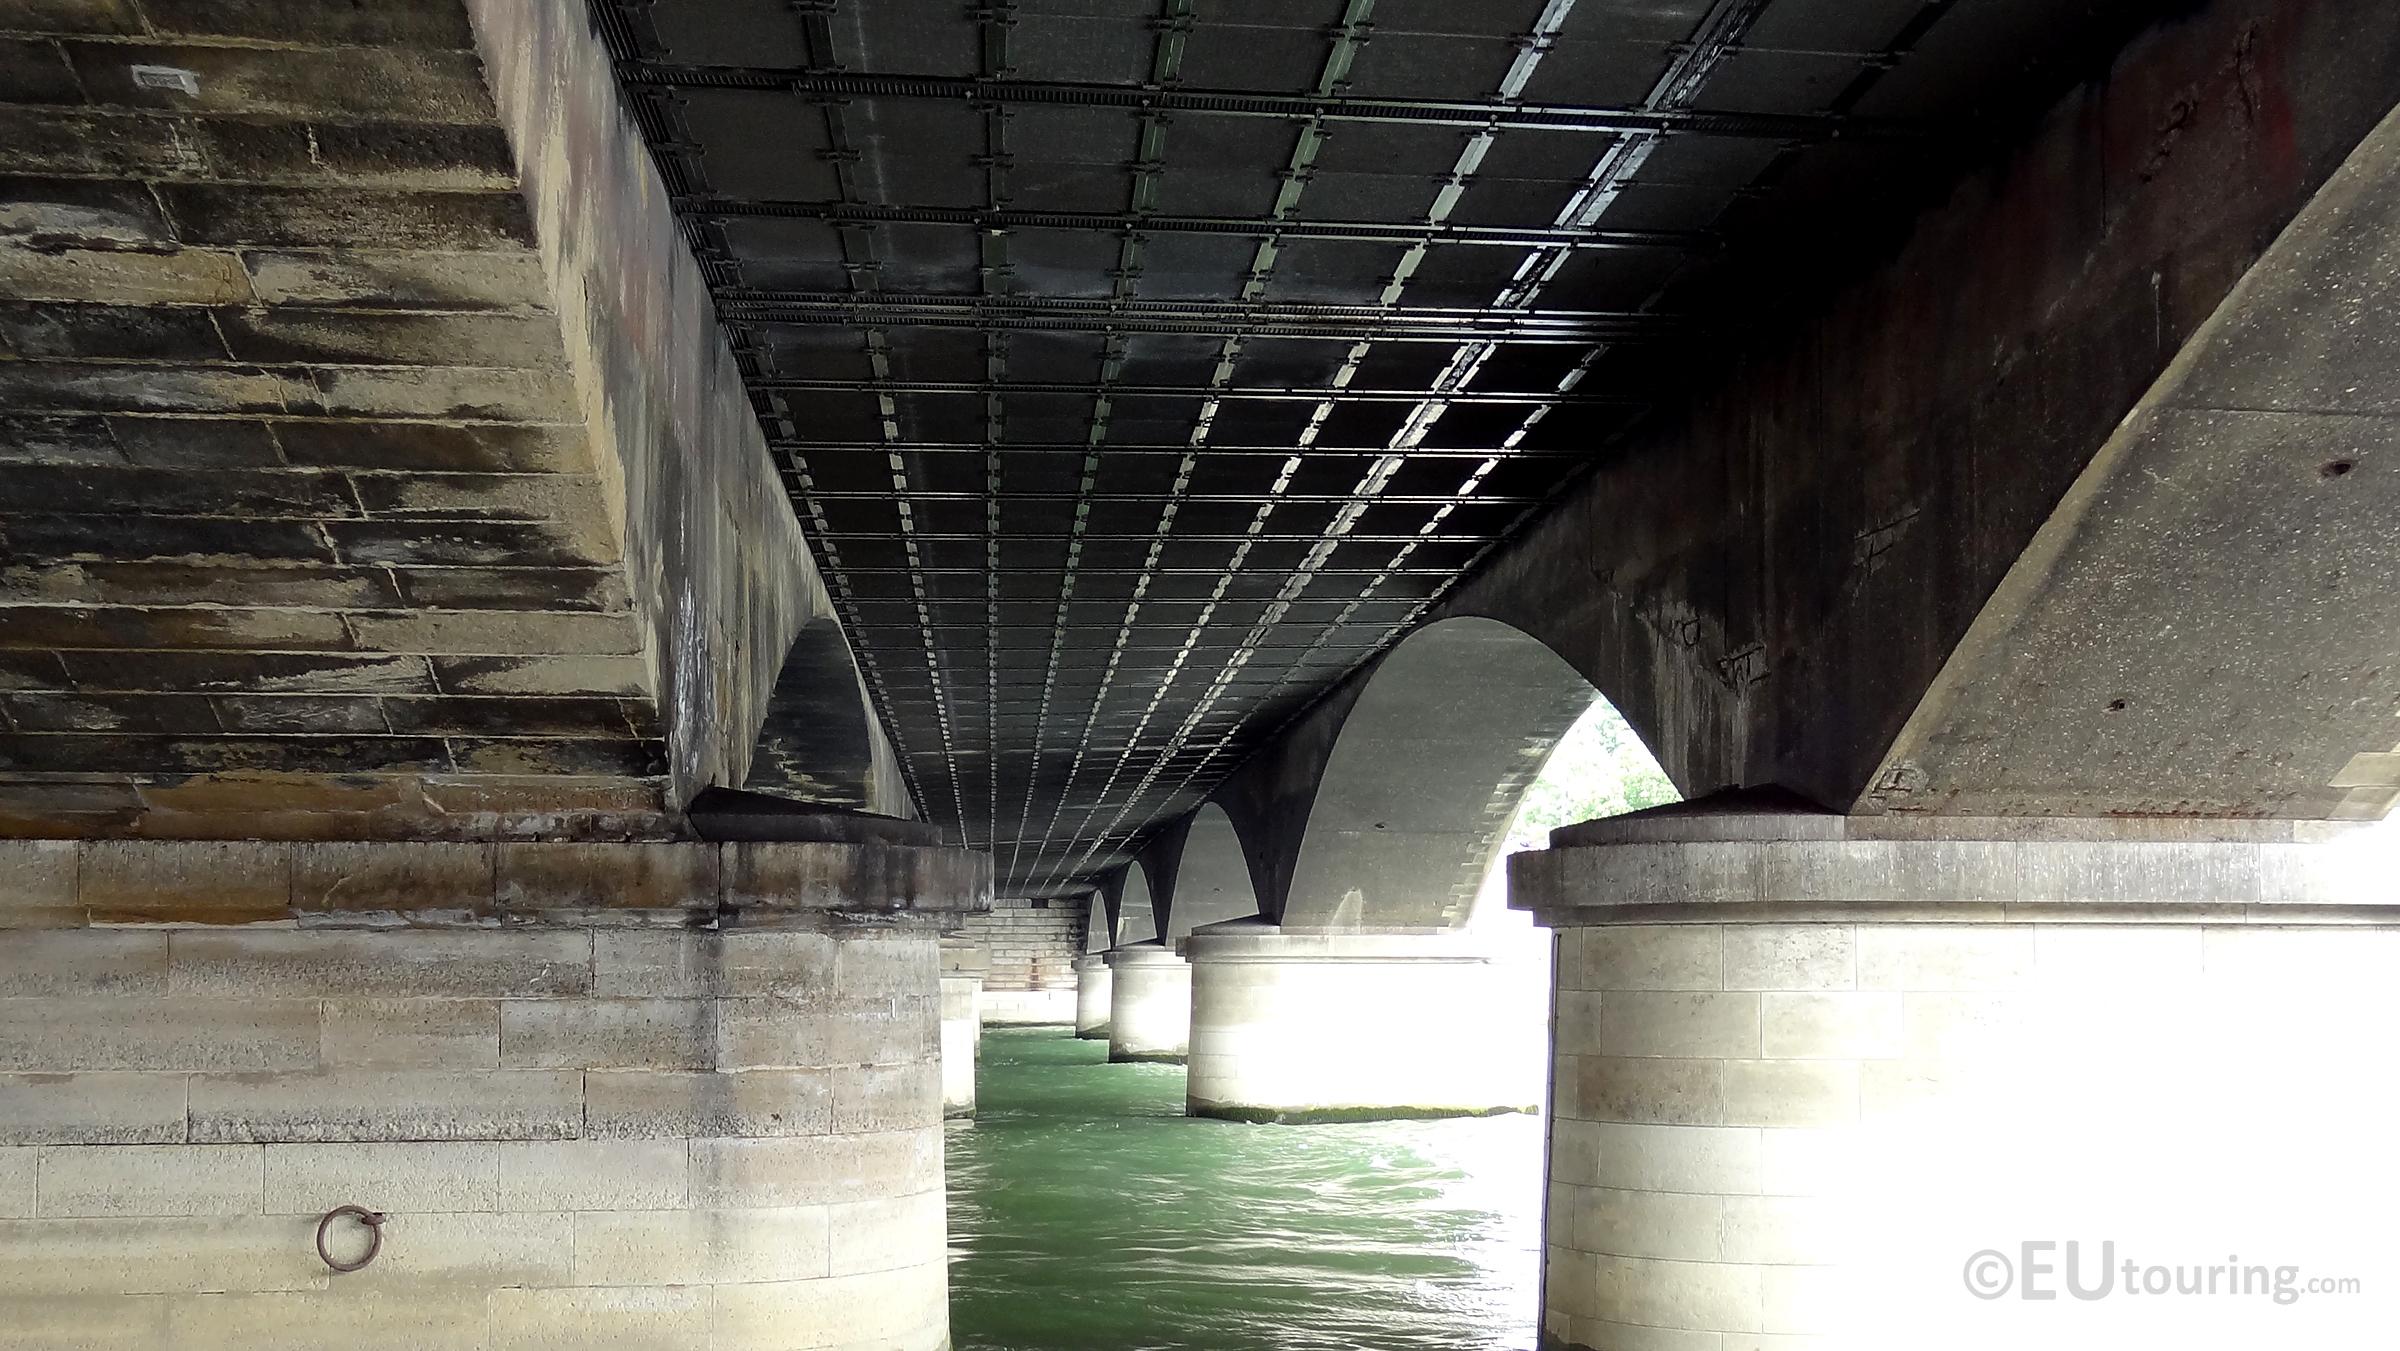 Beneath the Pont d'Iena